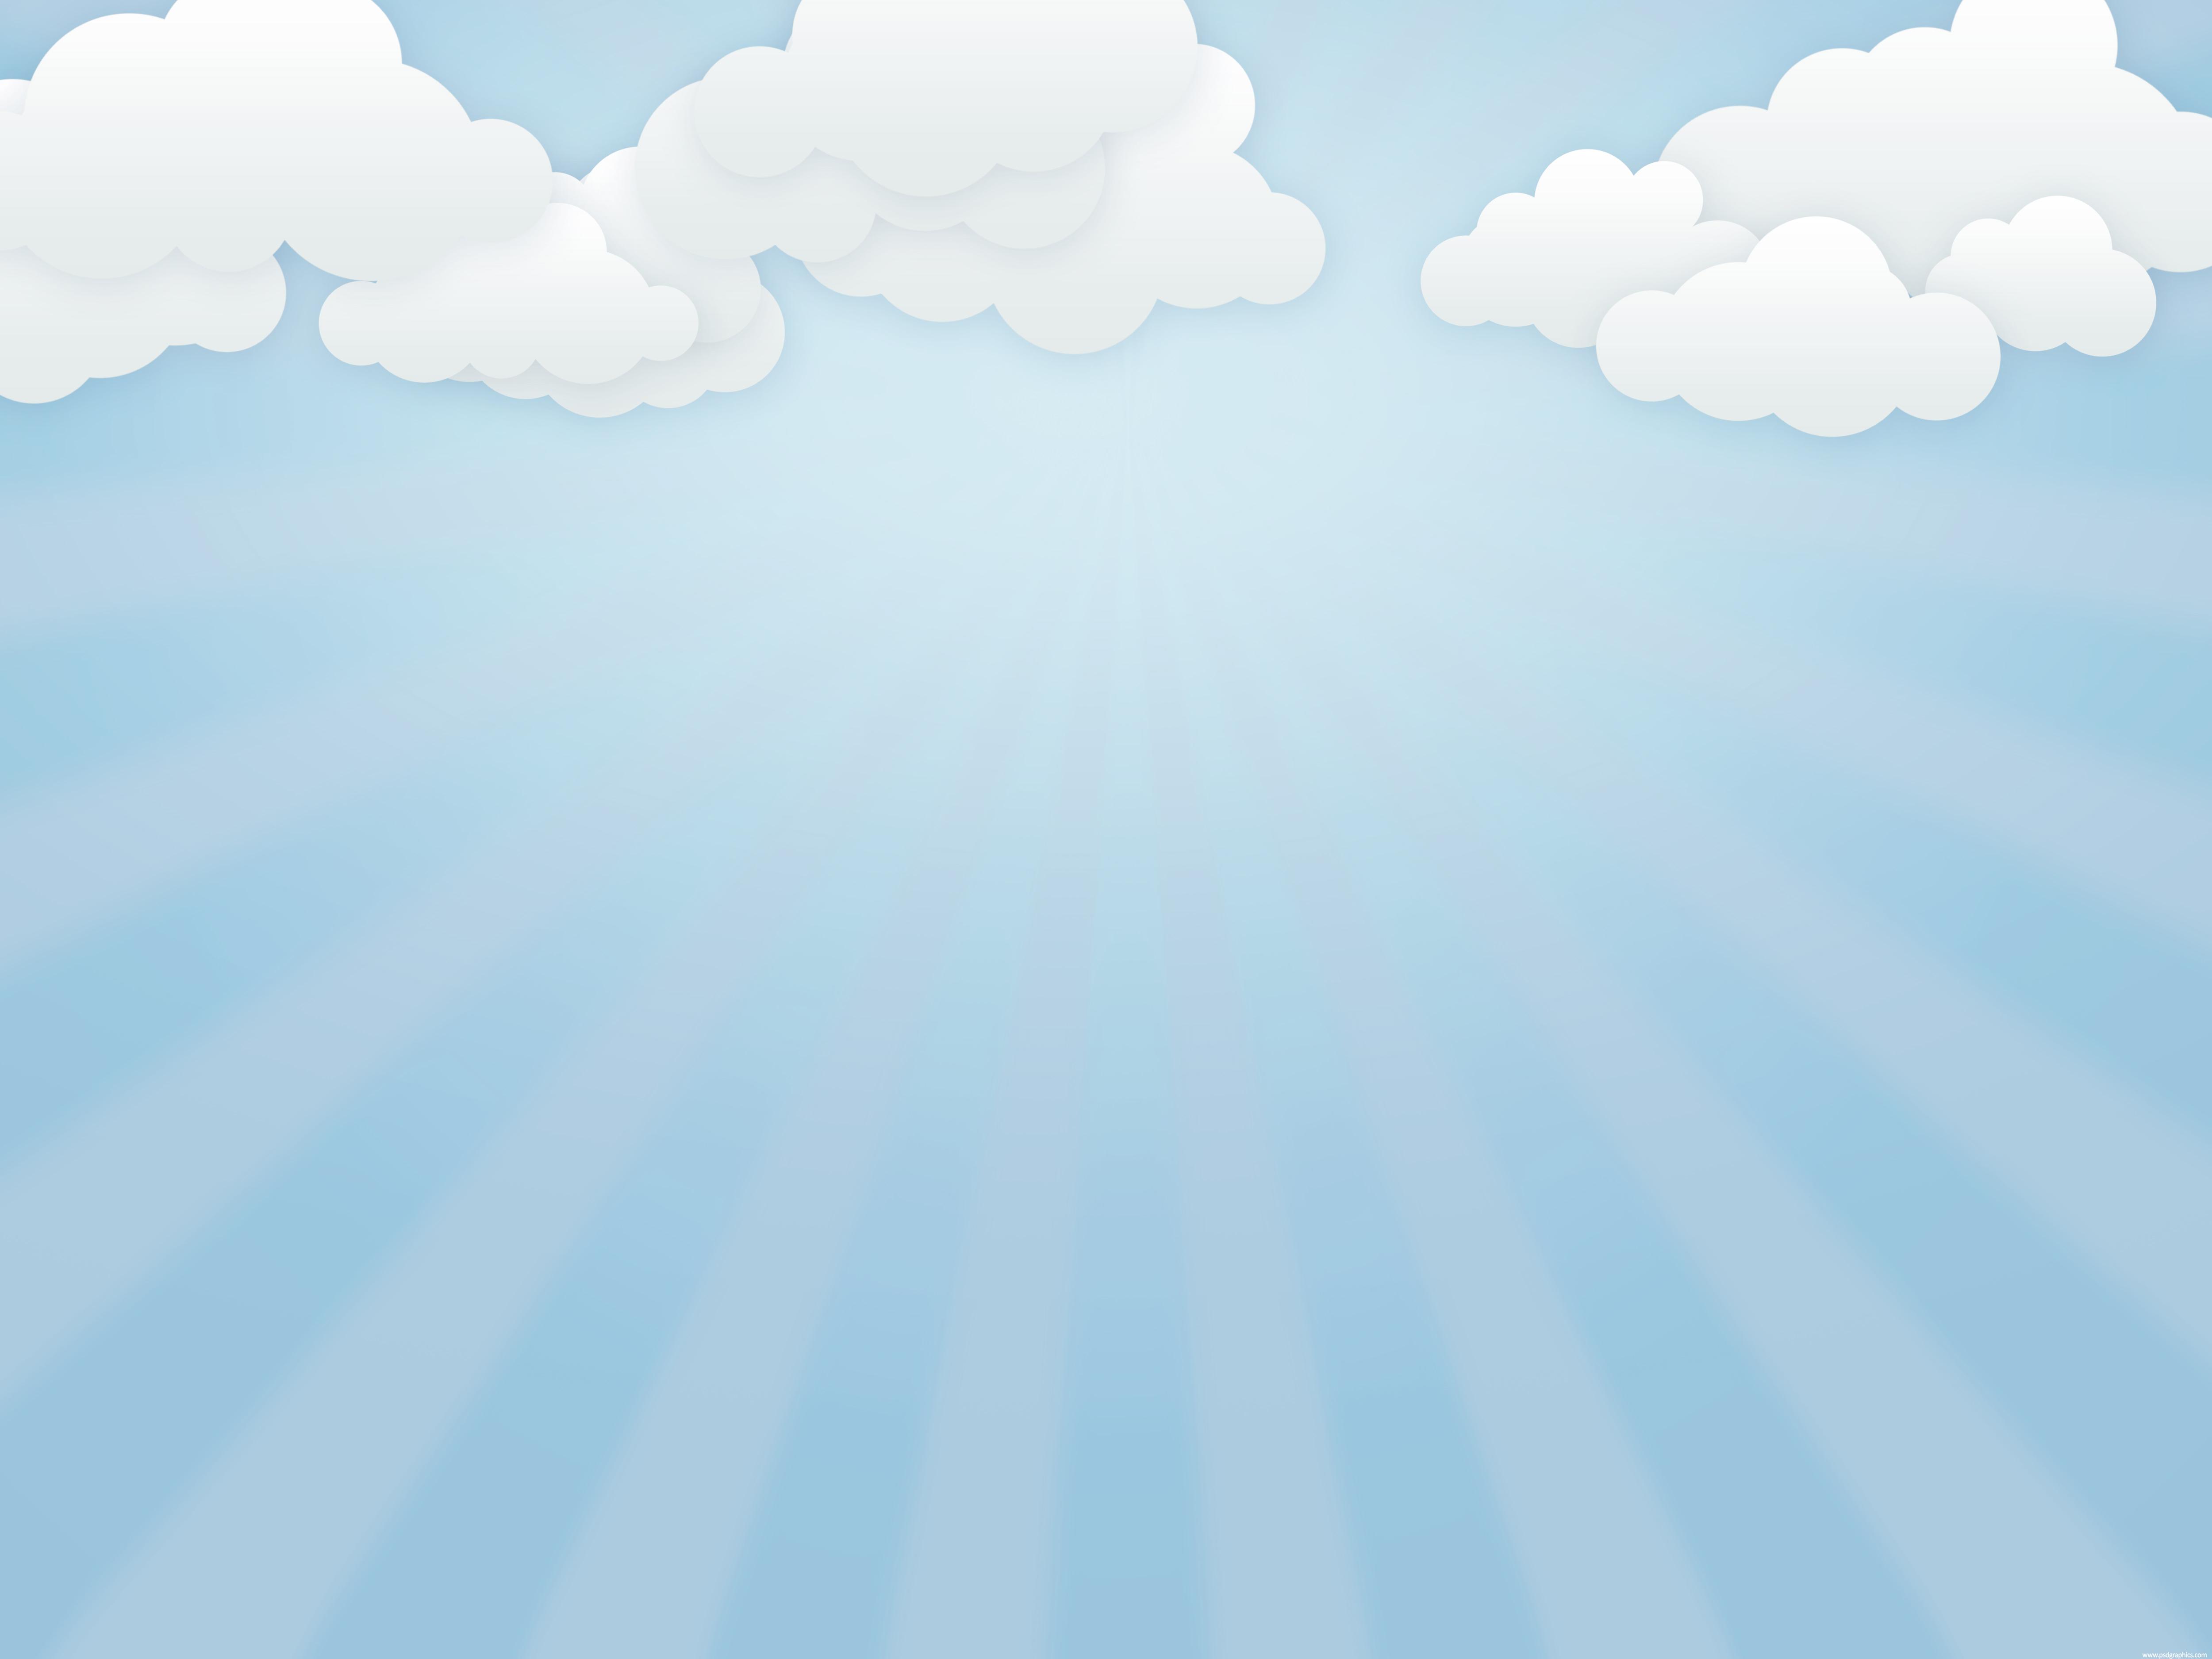 Light Sky Blue Background 5000x3750